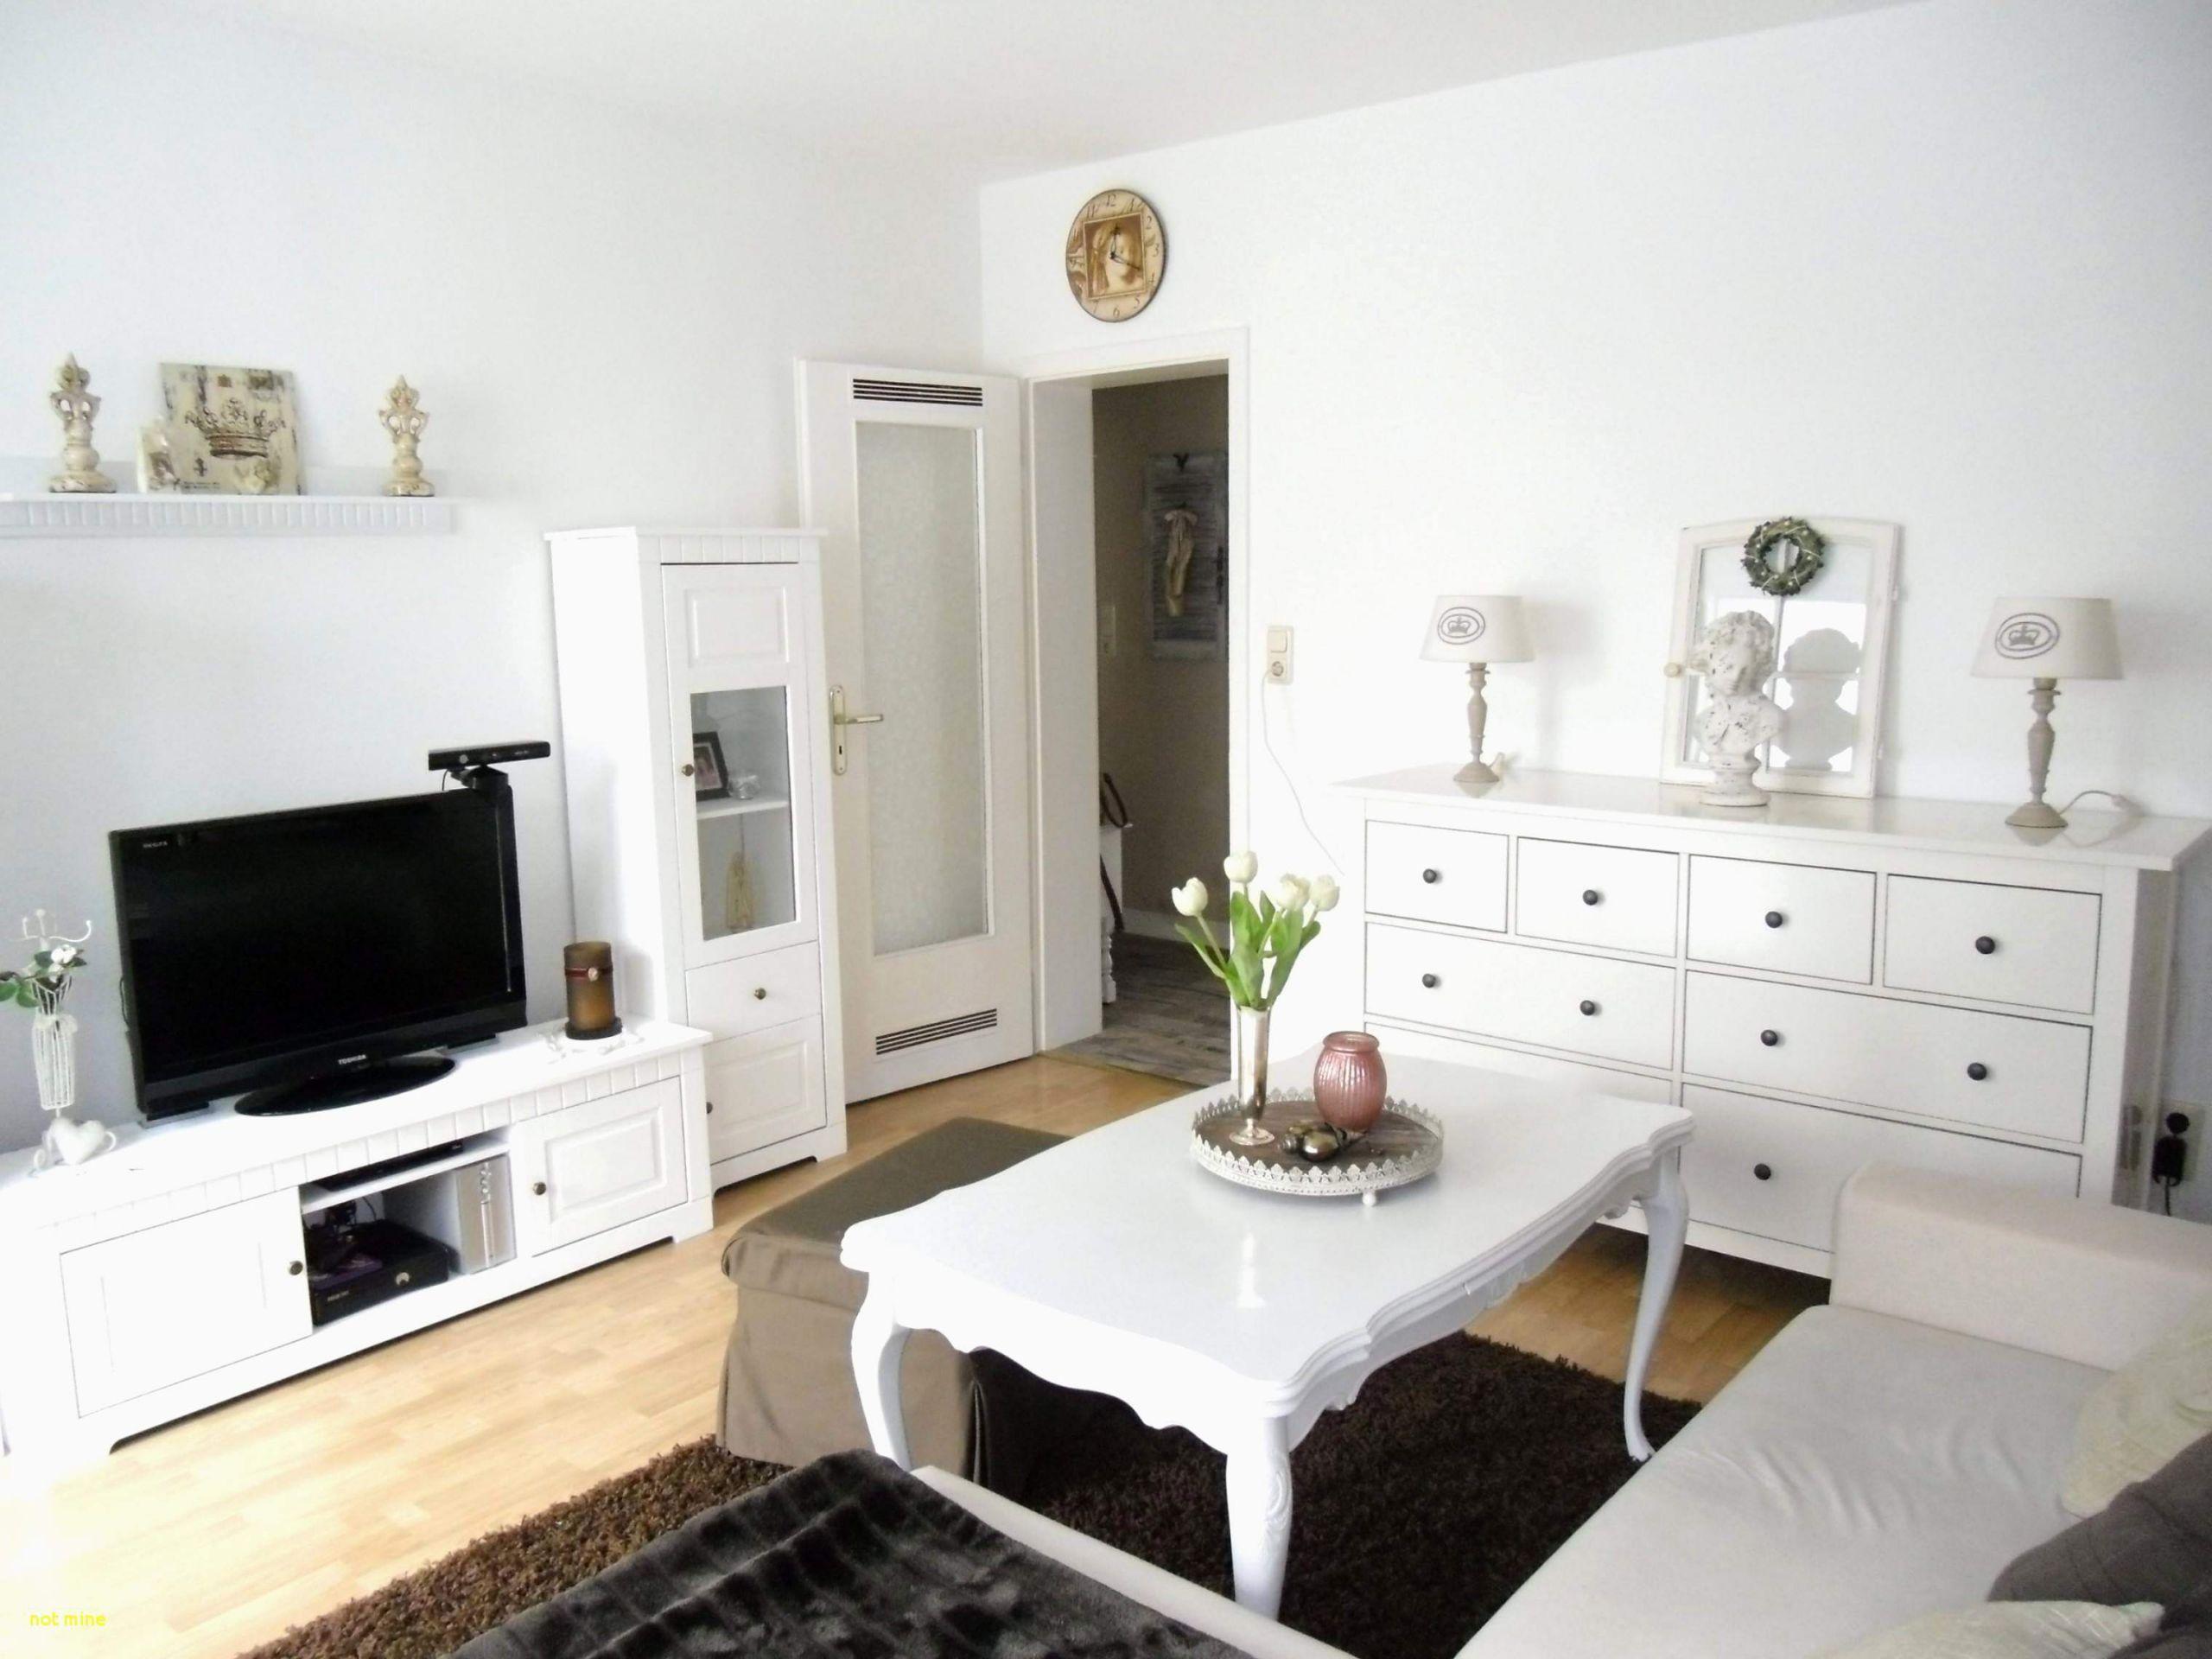 dekoration wohnzimmer ideen genial 29 elegant deko bilder wohnzimmer neu of dekoration wohnzimmer ideen scaled